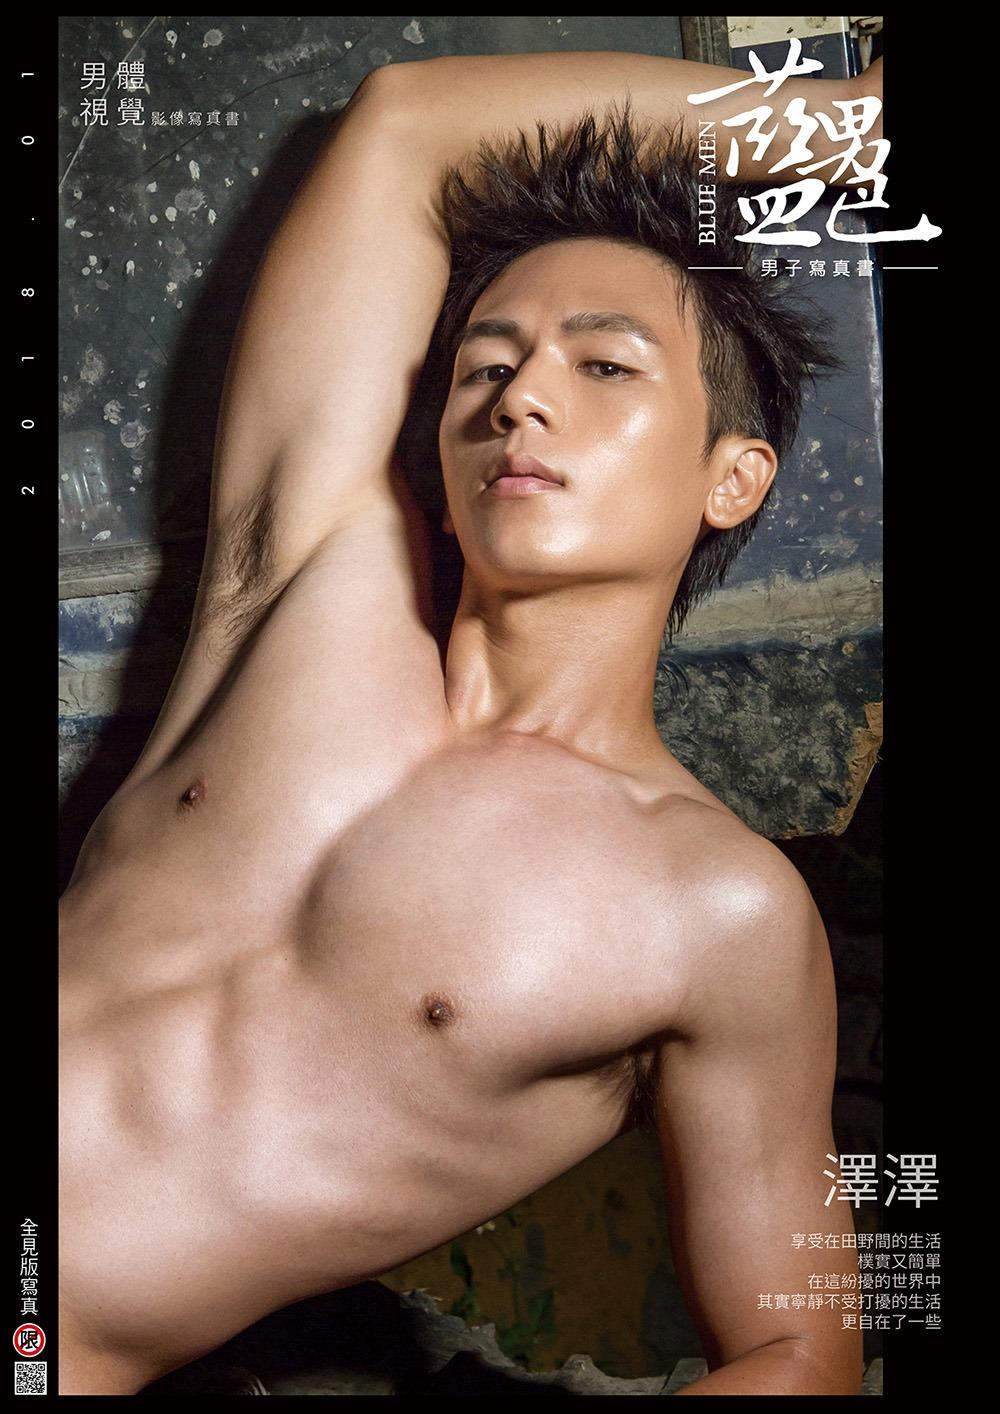 藍男色 男體視覺影像寫真書 NO.09 澤澤